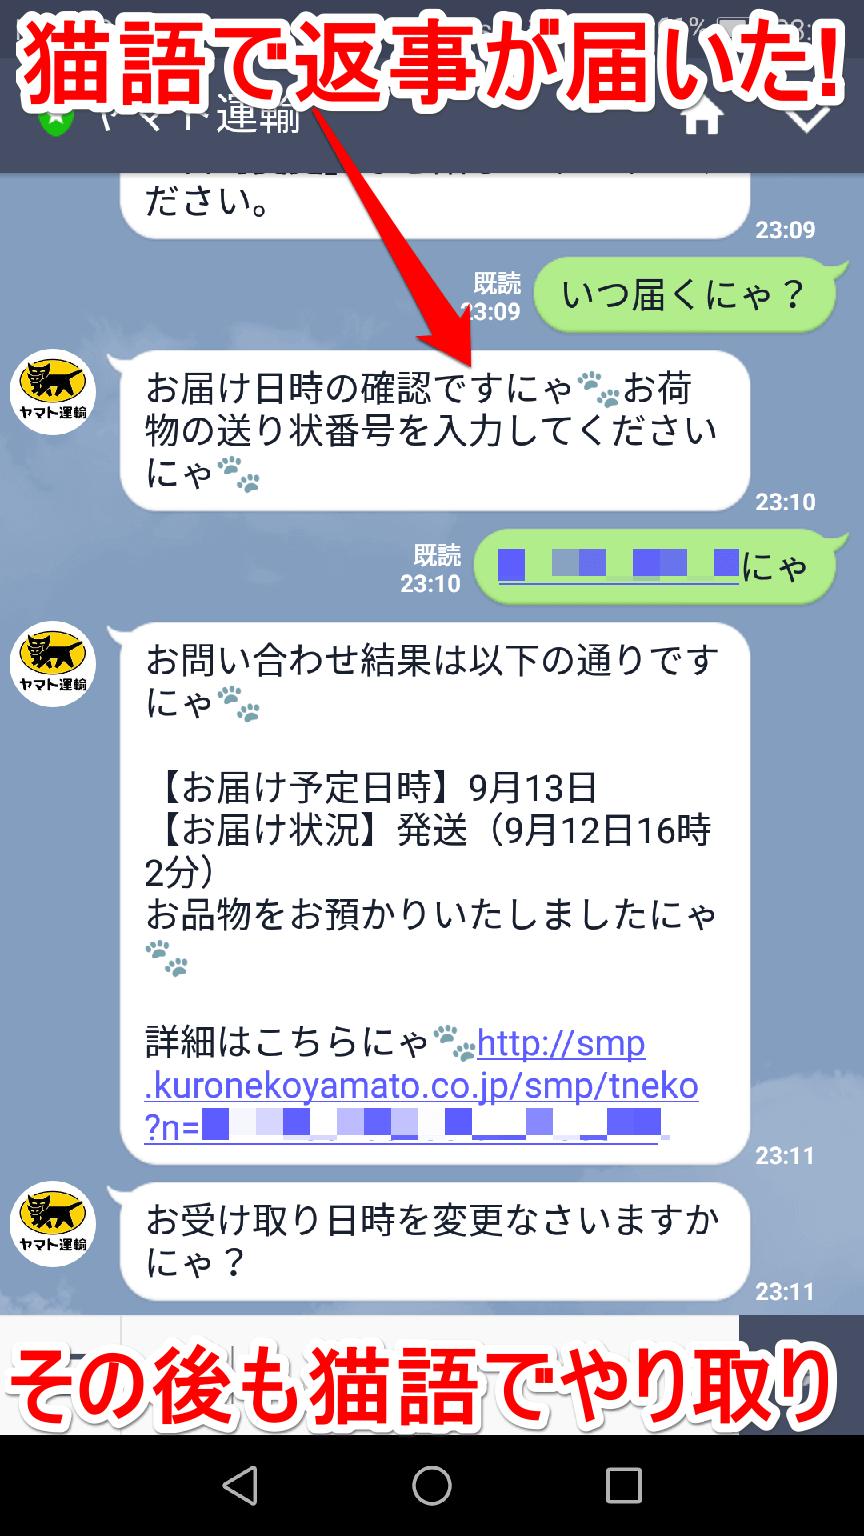 クロネコヤマトのLINEに猫語で返事が来た画面